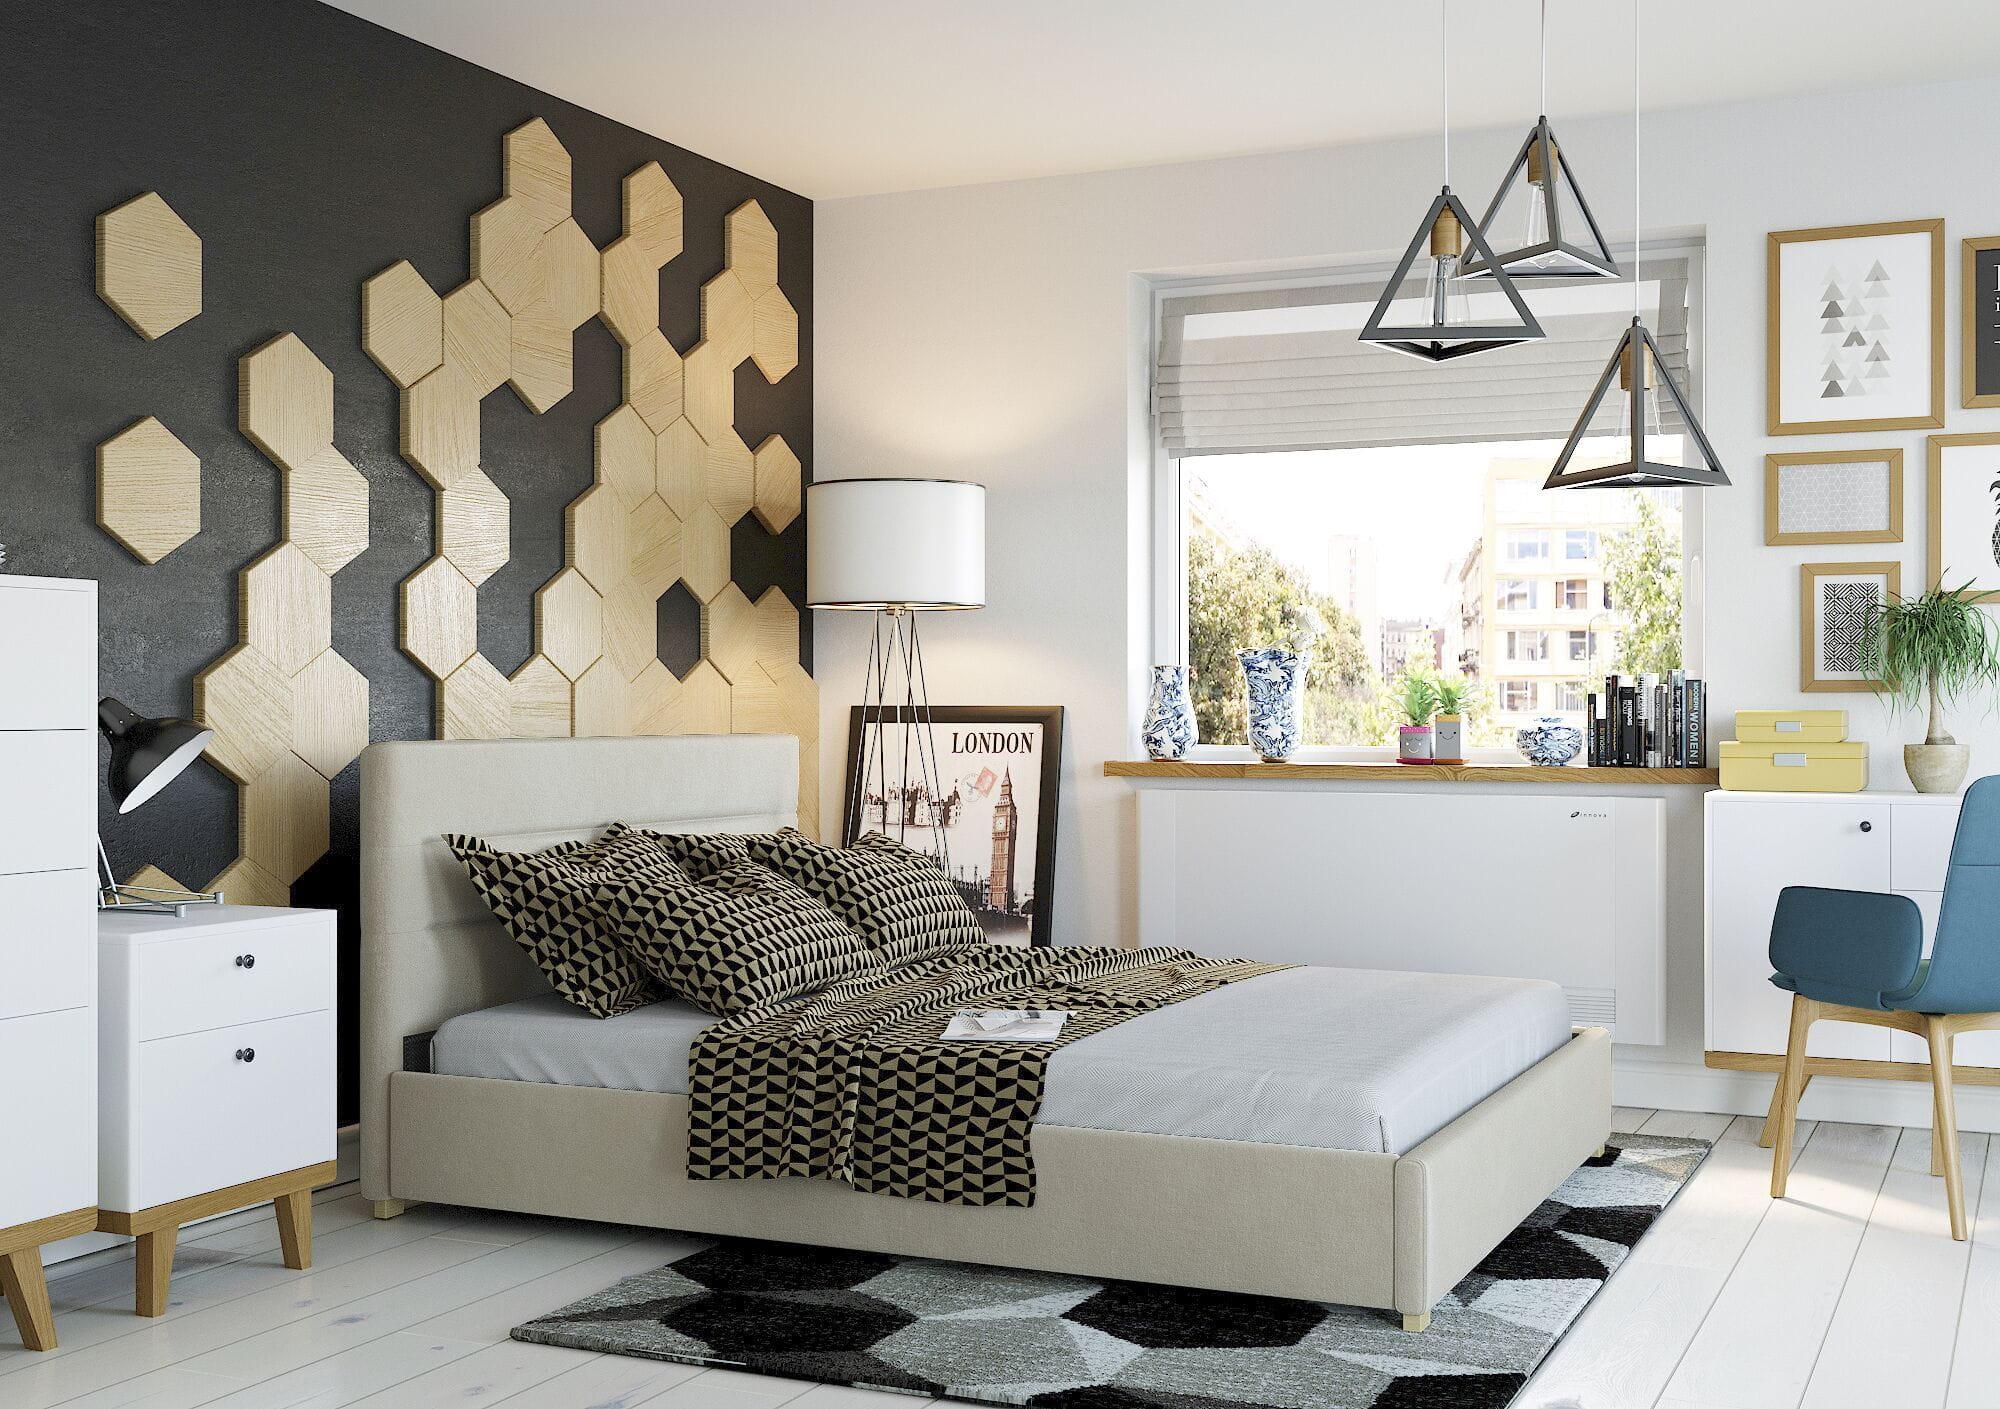 Bigmeble Čalouněná postel Molm - 160x200 cm - Semiš (Béžová)